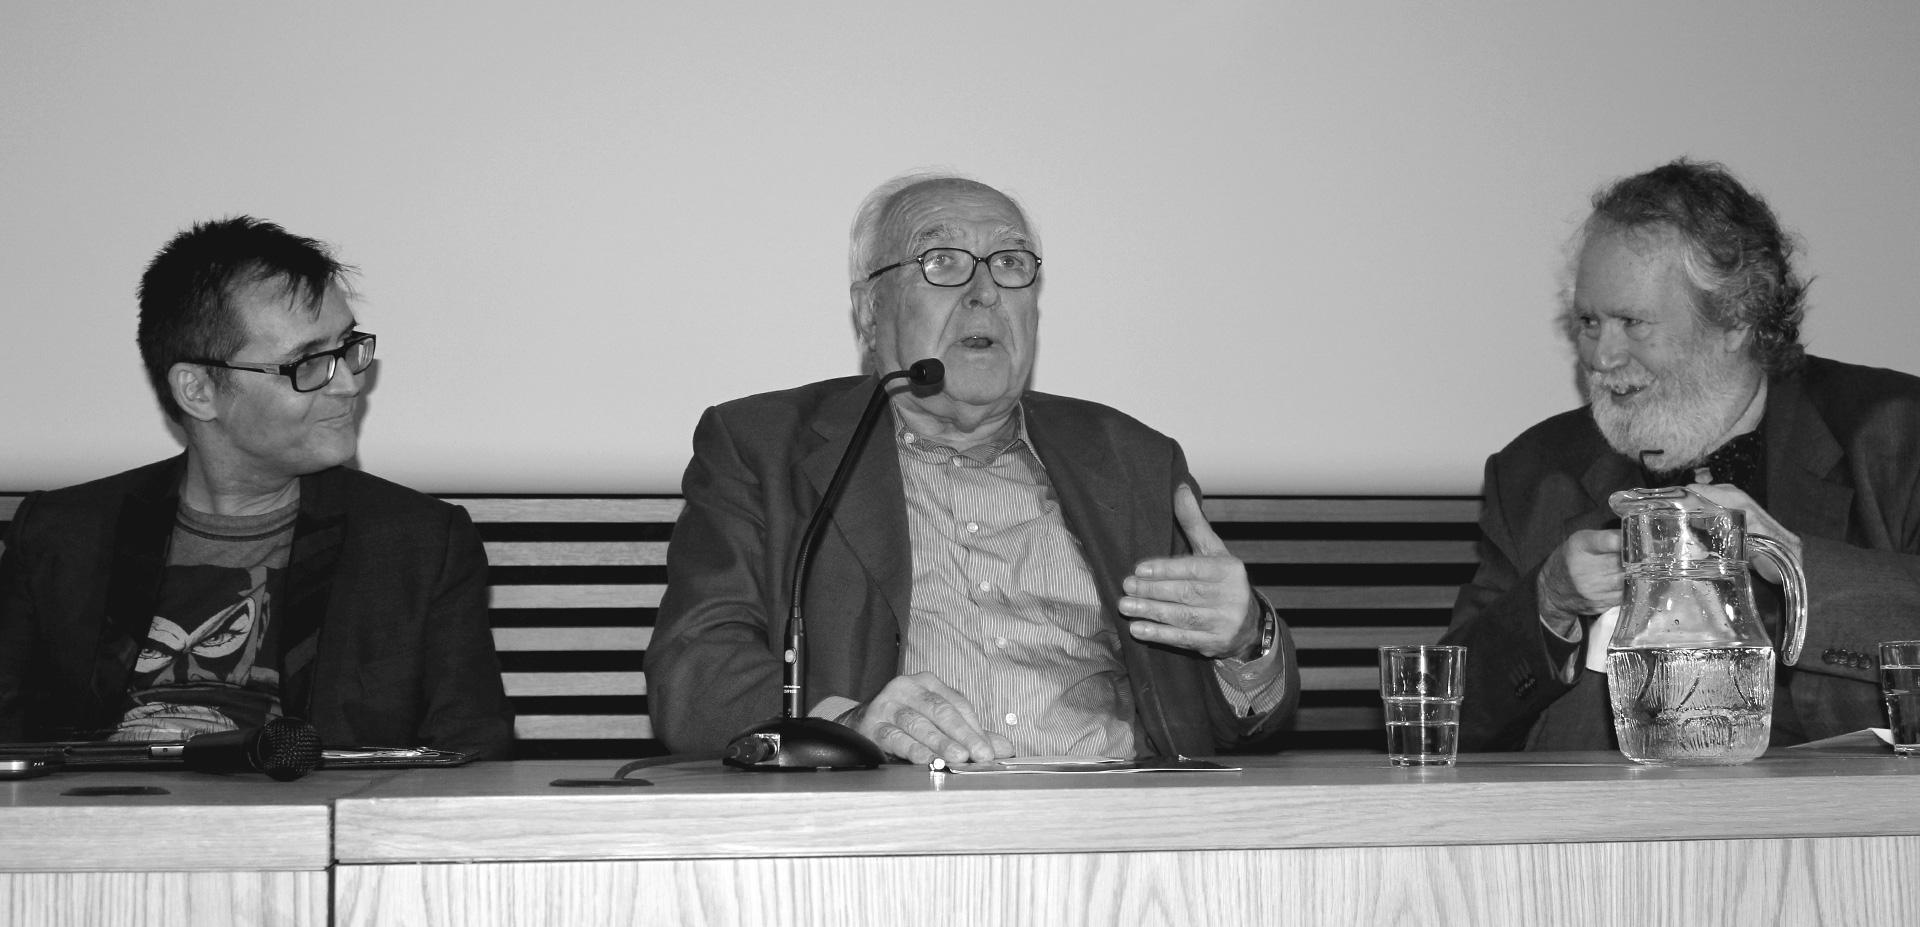 Besarilia- Ángel Sala, Román Gubern y Julio Pérez Perucha durante la V edición de la Ventana Oscura en el Centro Cultural Conde Duque